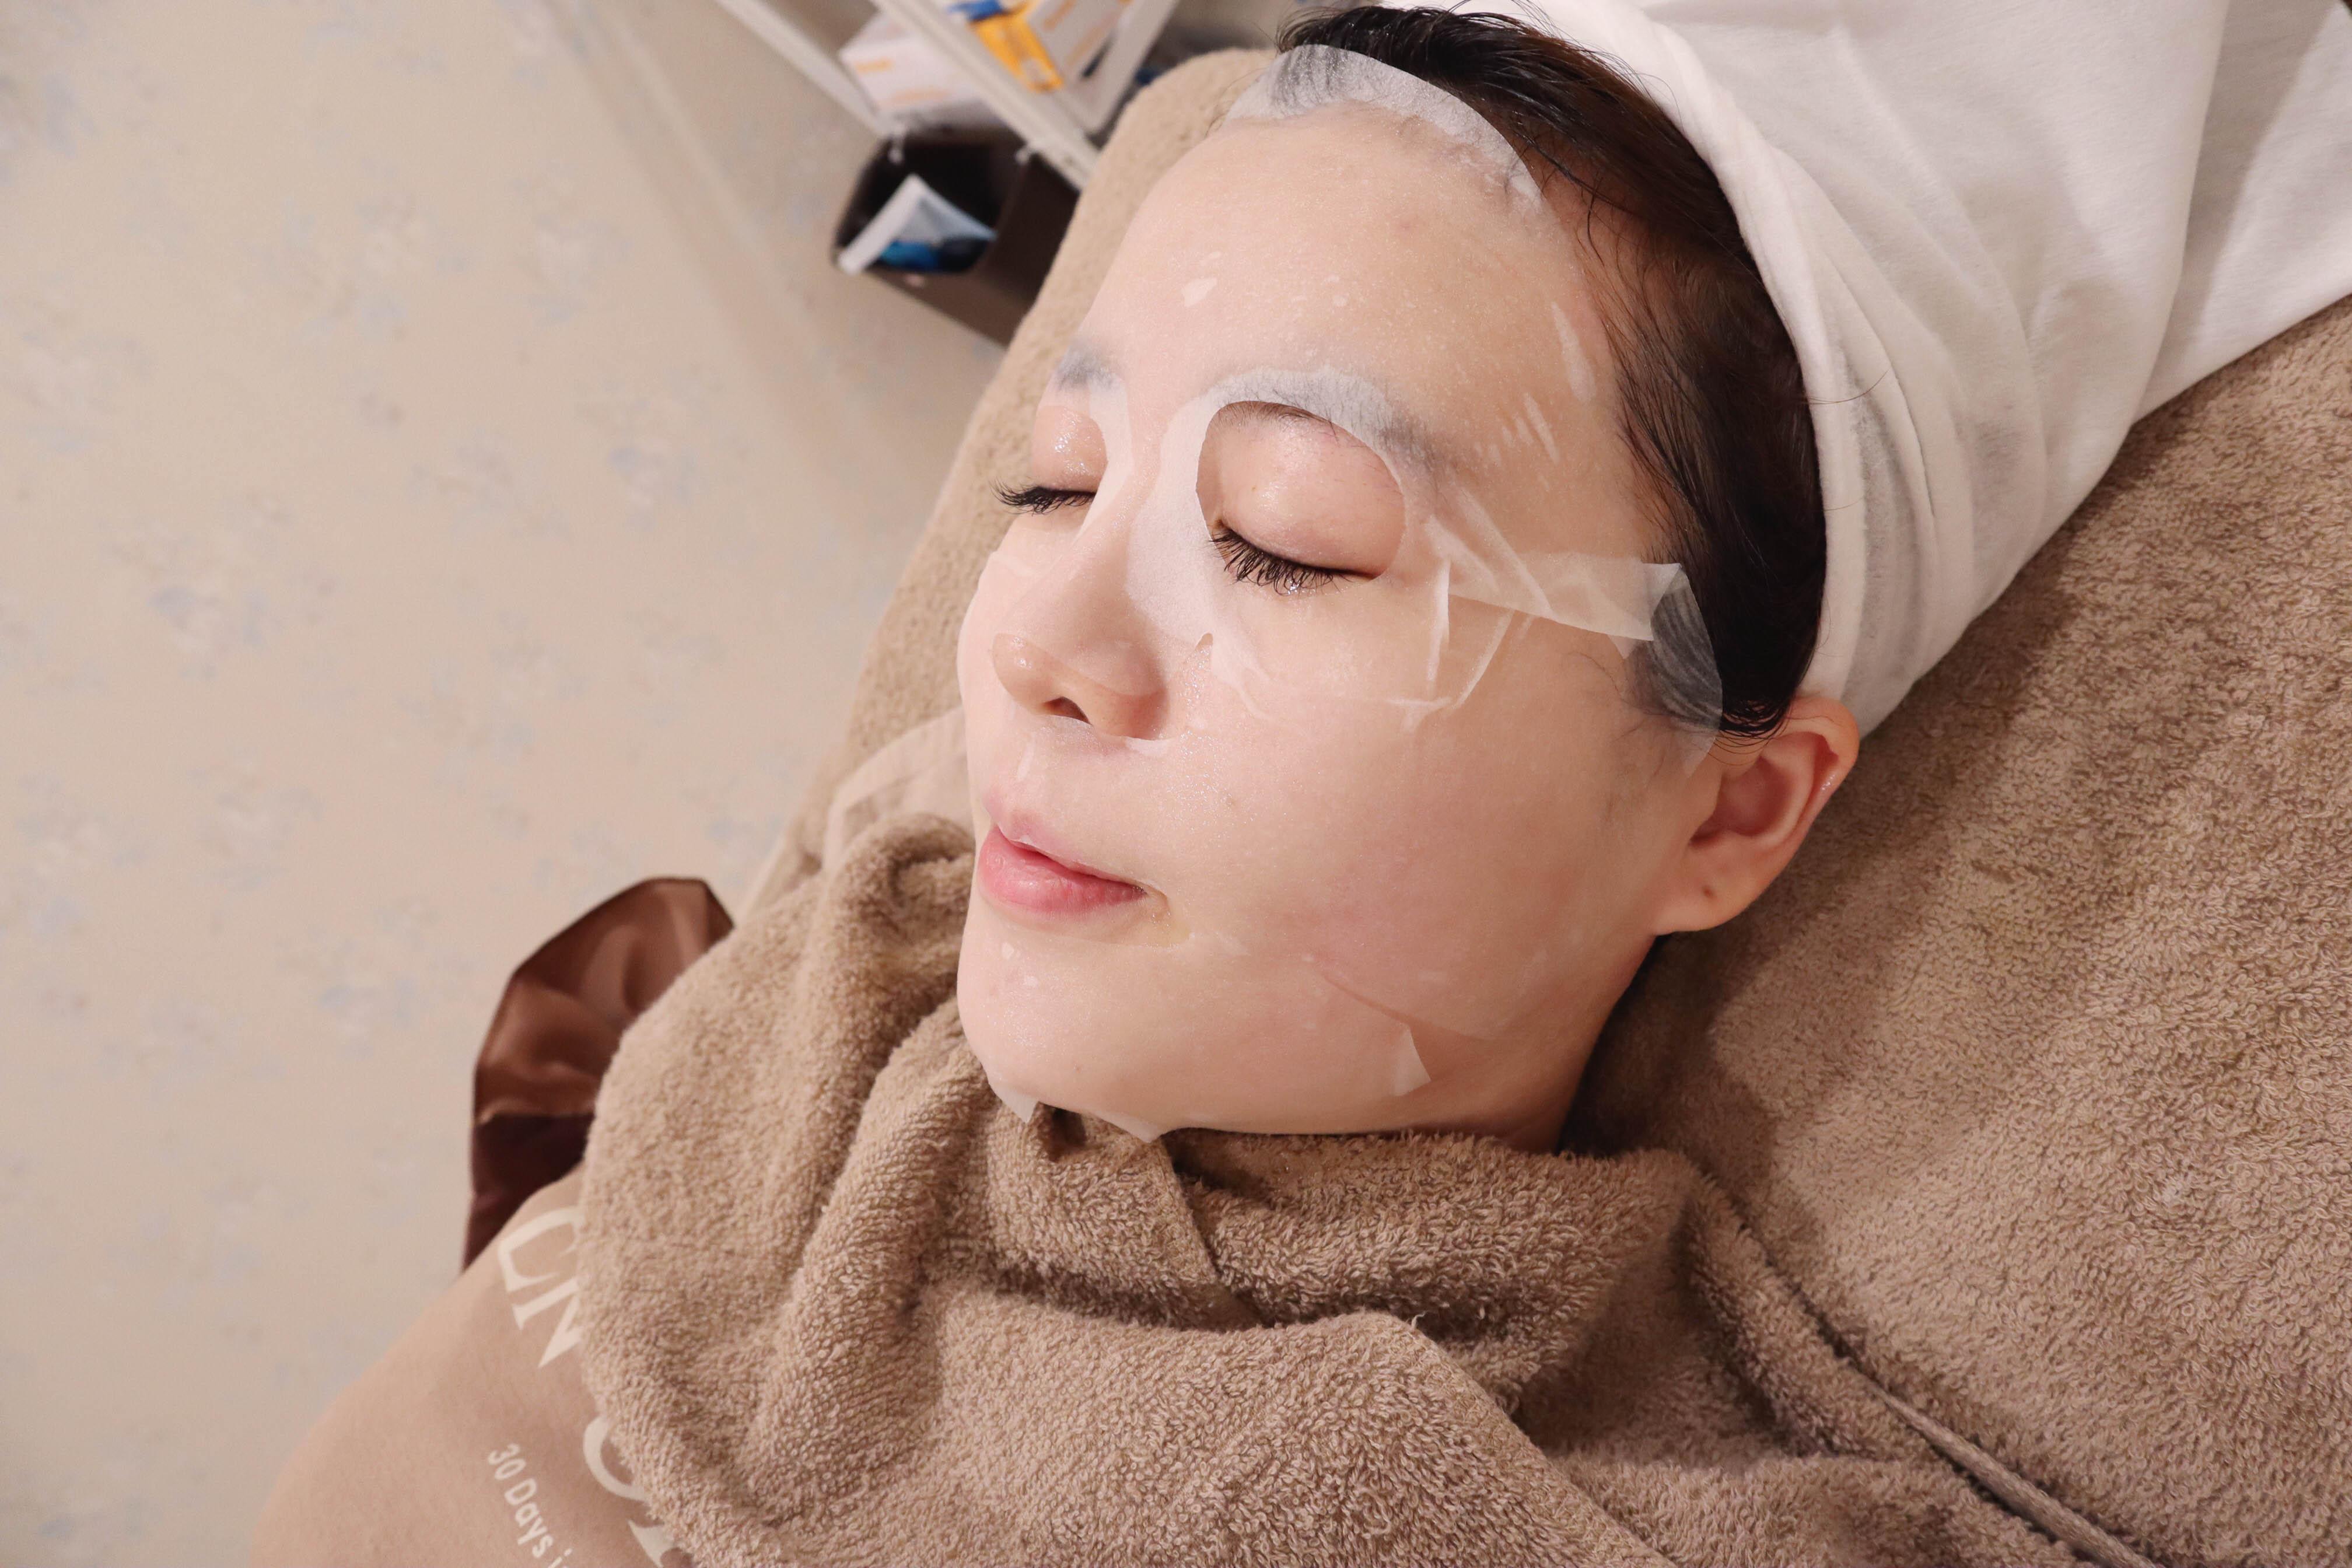 淨妍時尚醫美新竹店|Utims優提斯音波拉提體驗分享,跟雙下巴和嘴邊肉說掰掰